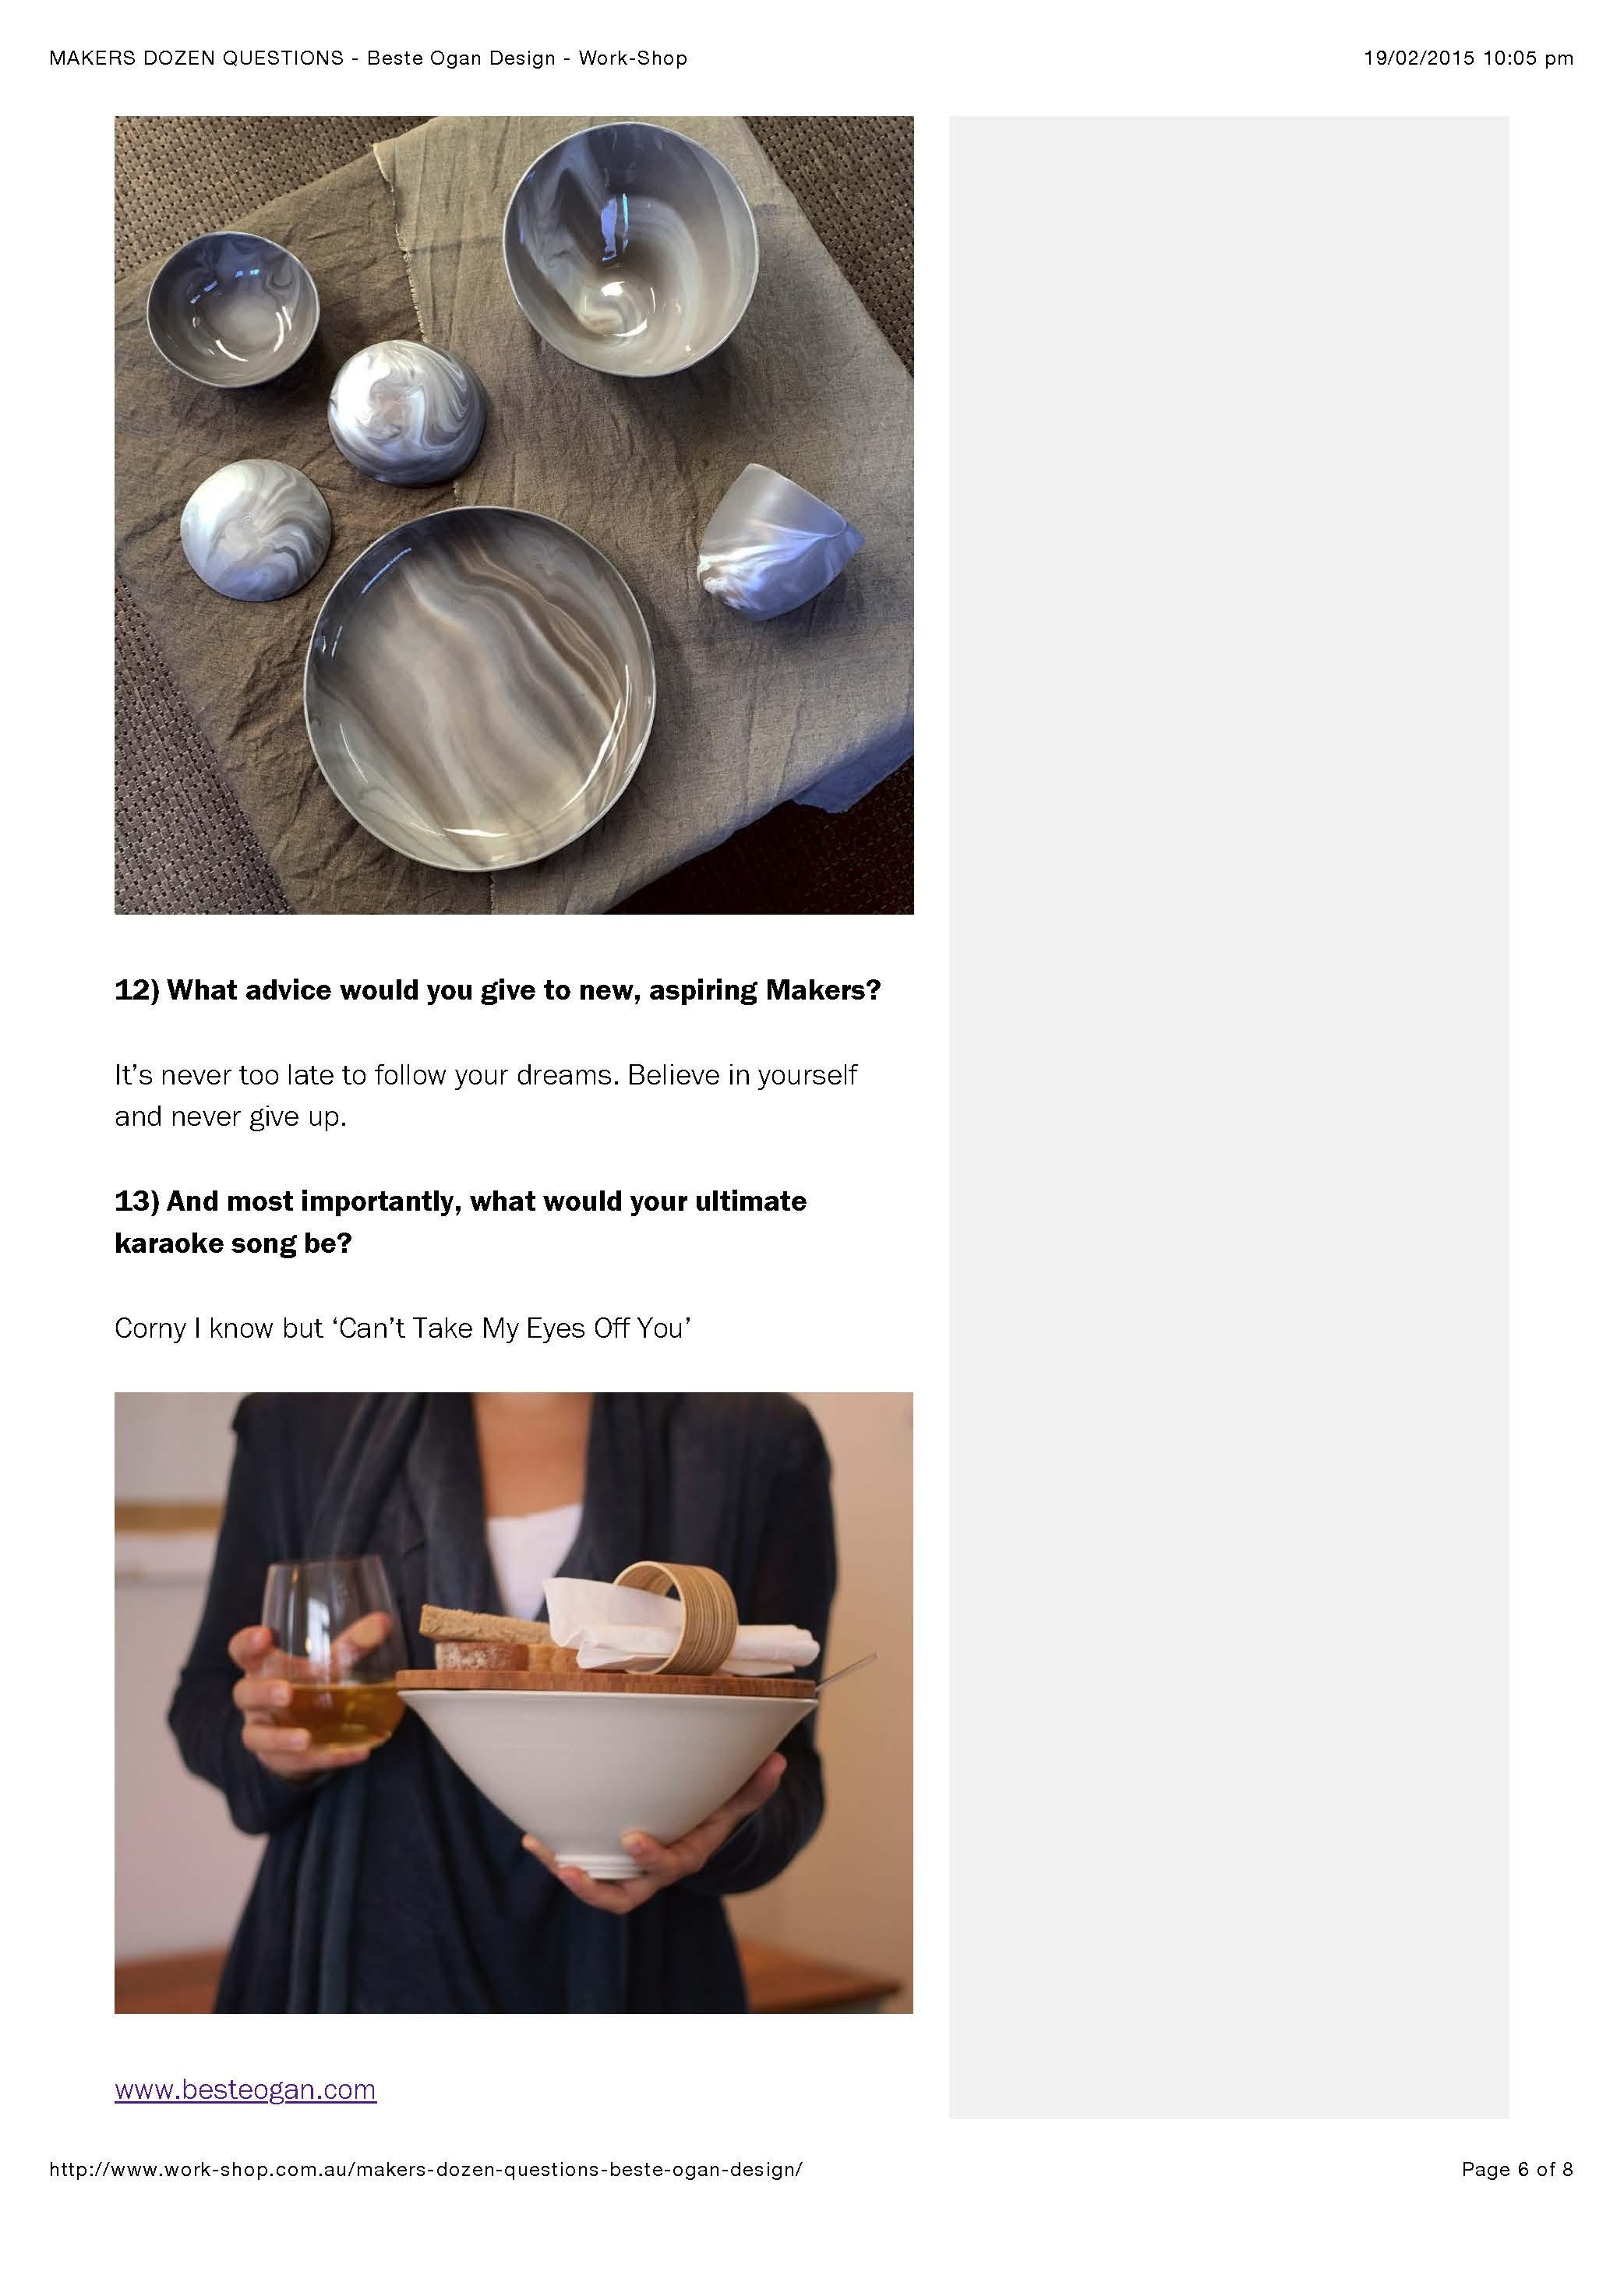 Makers Dozen Questions - Beste Ogan Design 6.jpg